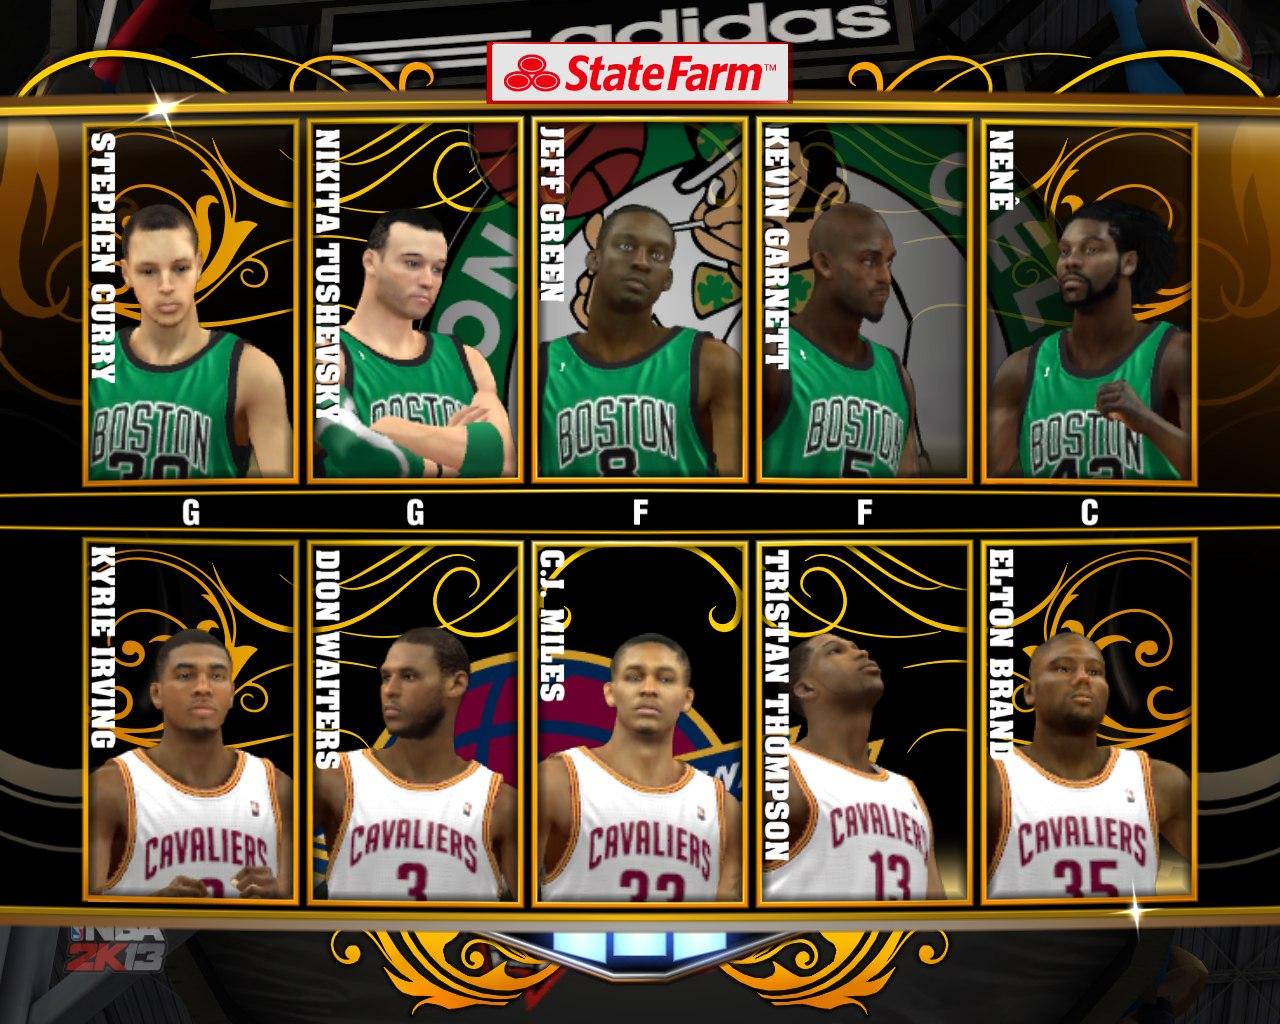 Стартовая пятерка Бостон Селтикс в НБА2к13